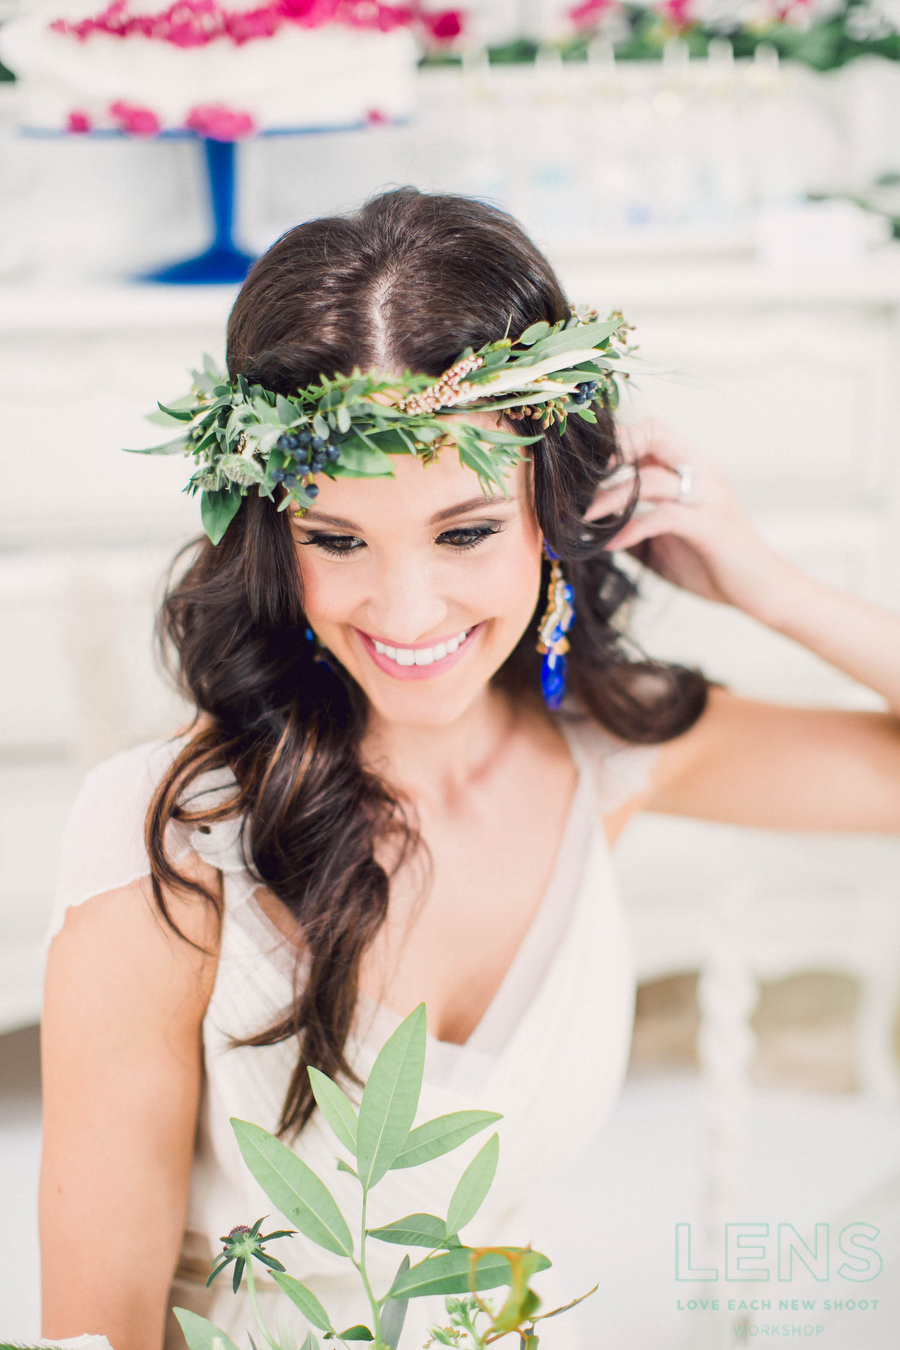 artiese-lens-workshops-santorini-wedding-1255.jpg